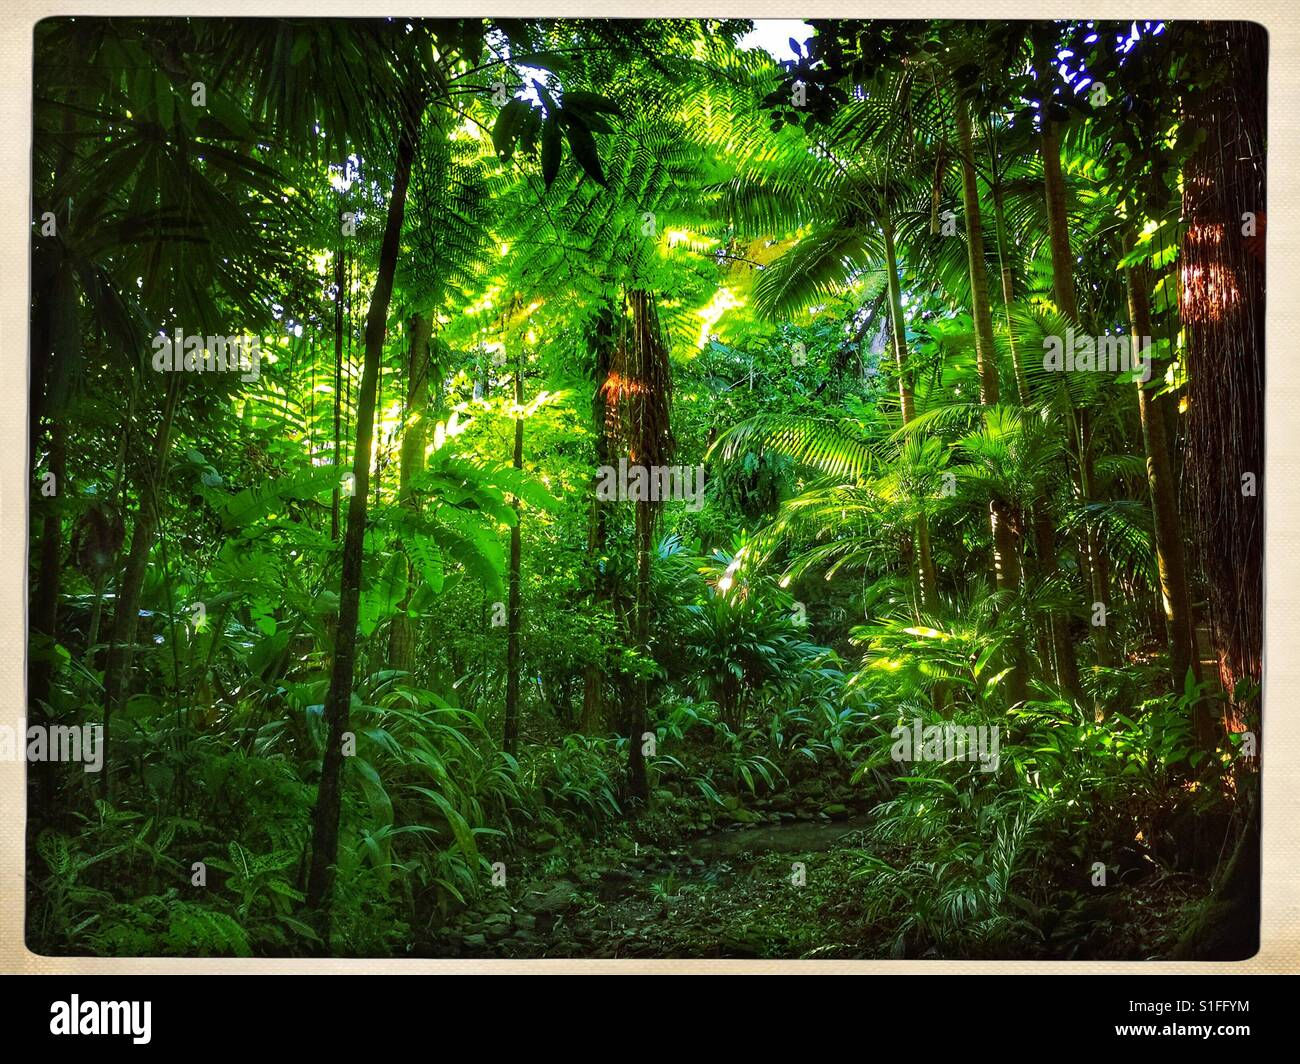 A pie de la selva Imagen De Stock